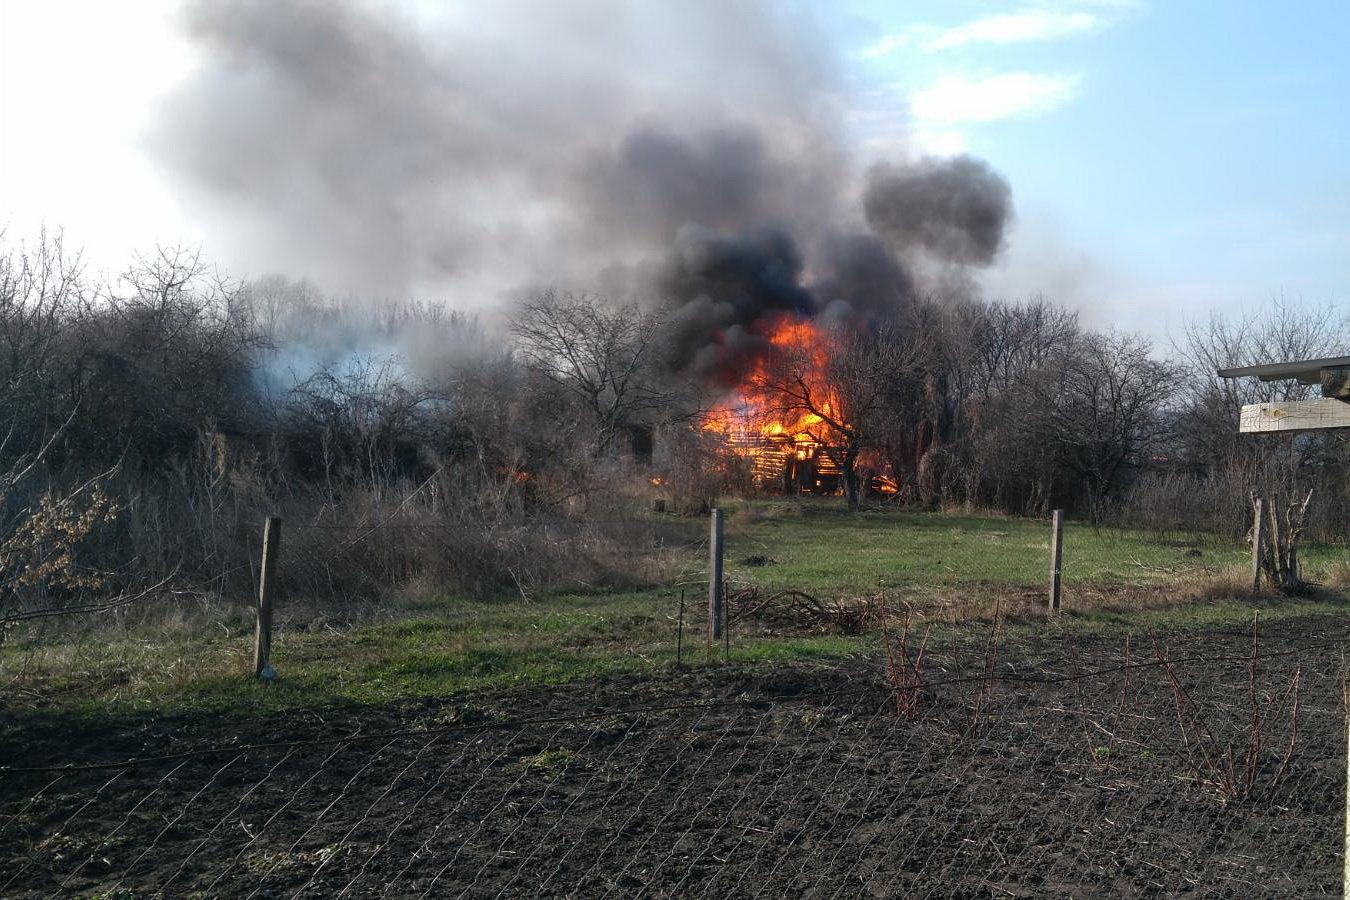 На Харьковщине спасатели тушили сотню пожаров в природных экосистемах: пострадала женщина, - ФОТО, фото-1